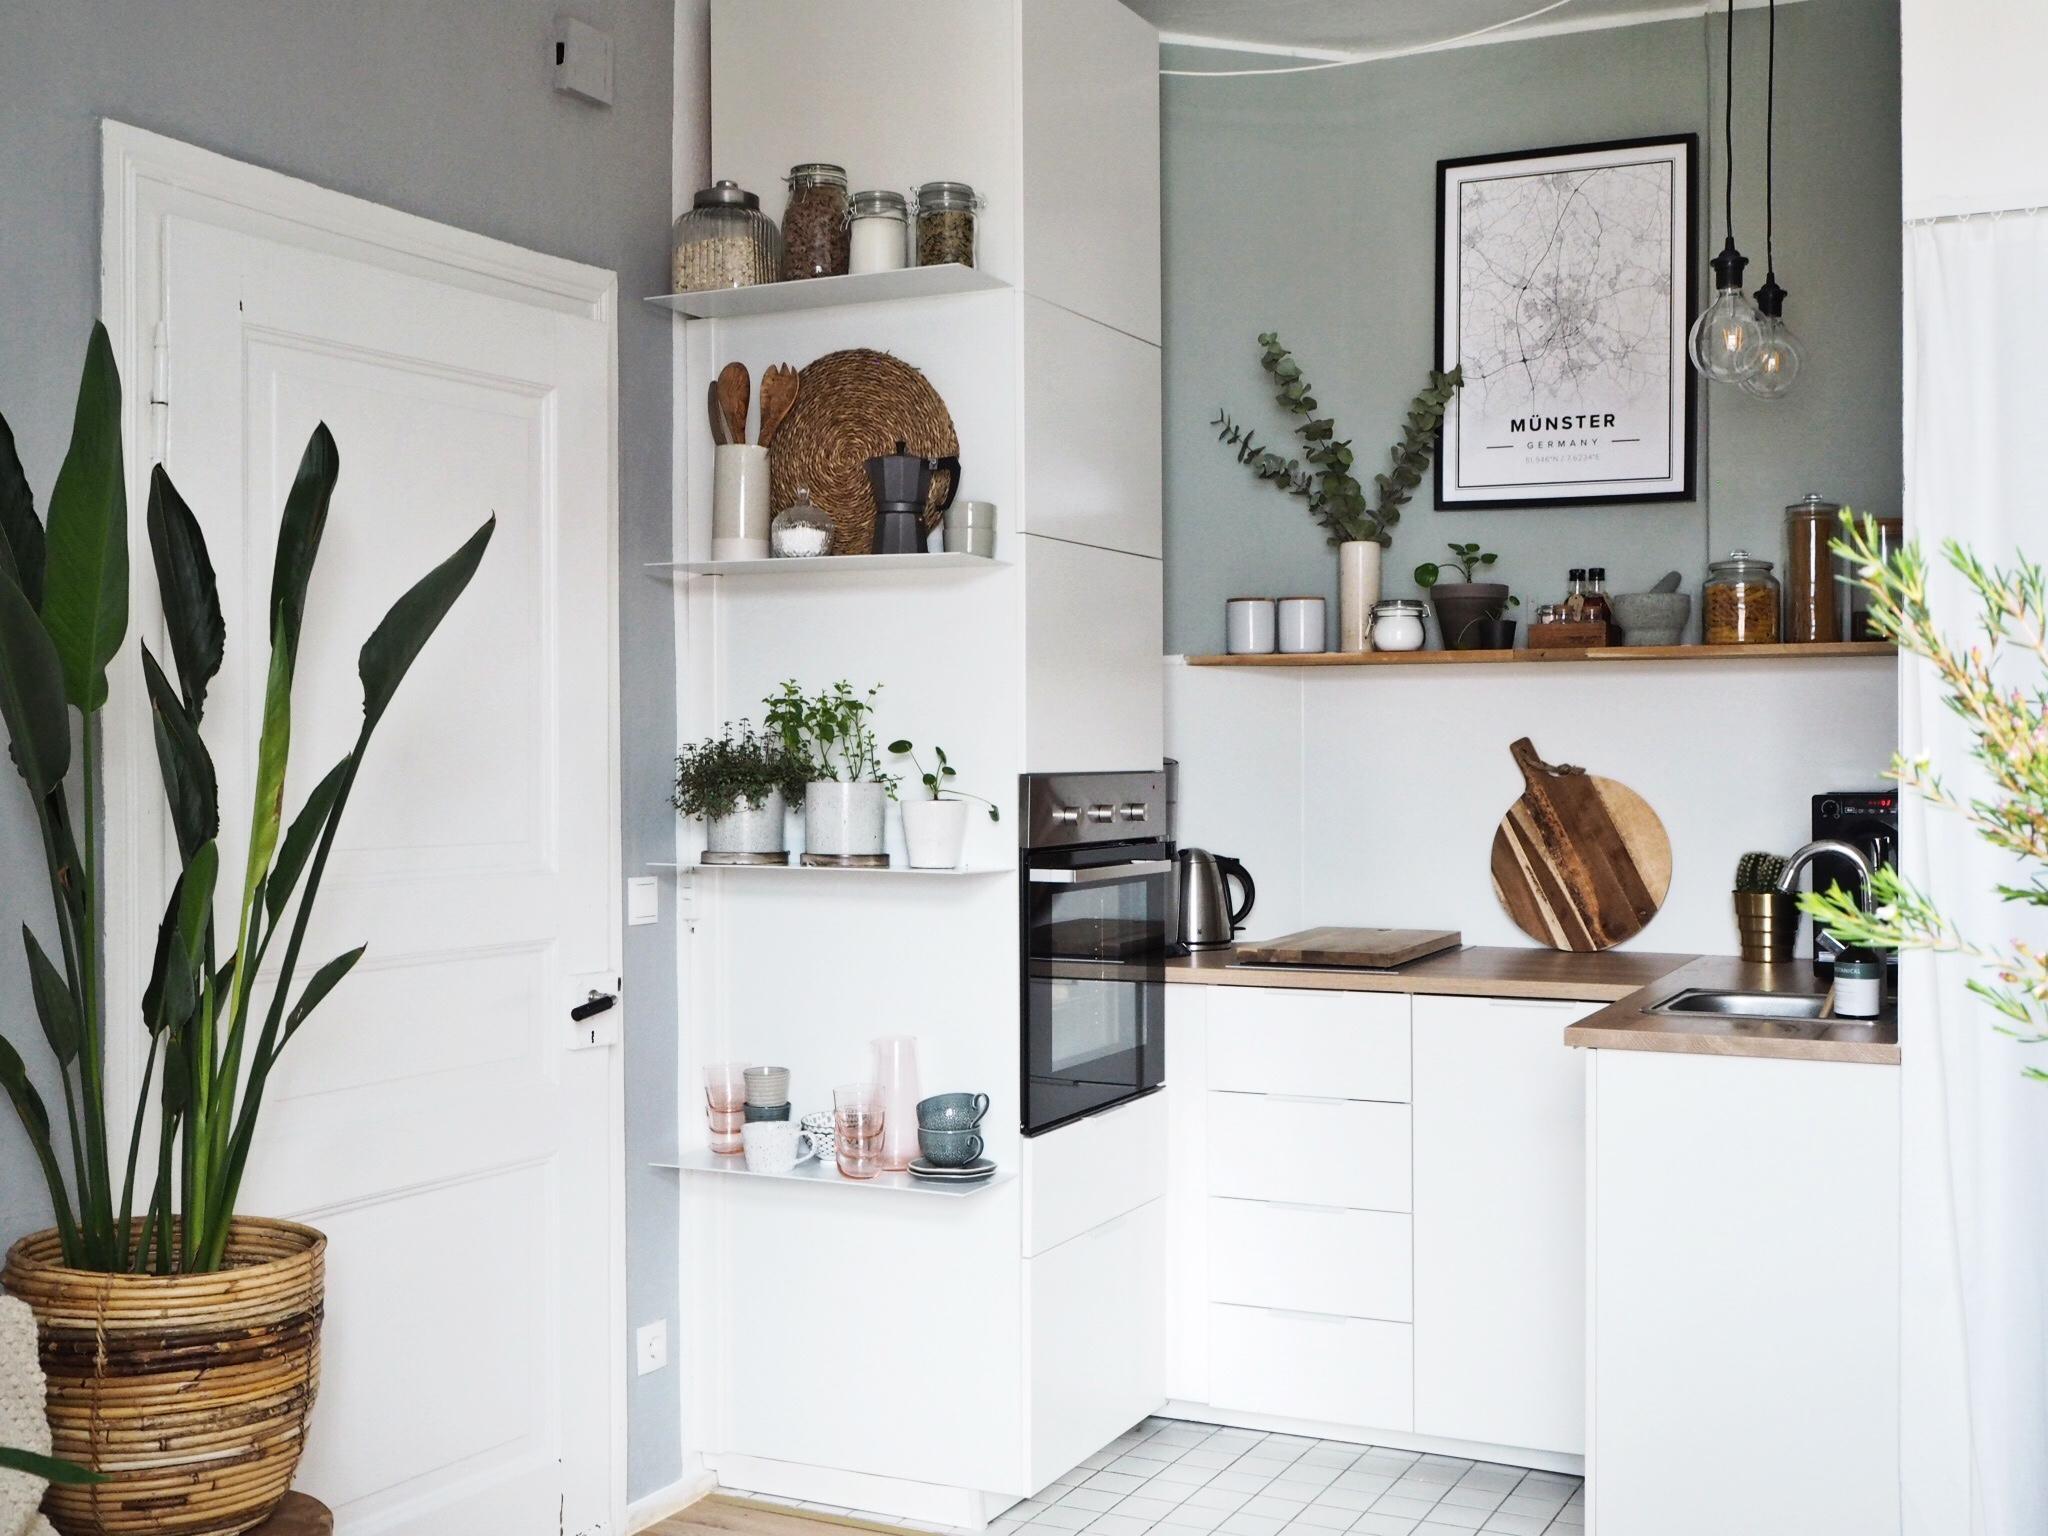 Full Size of Kleine Einbauküche Gebraucht Kleine Einbauküche Planen Kleine Einbauküche Poco Kleine Einbauküche Ikea Küche Kleine Einbauküche